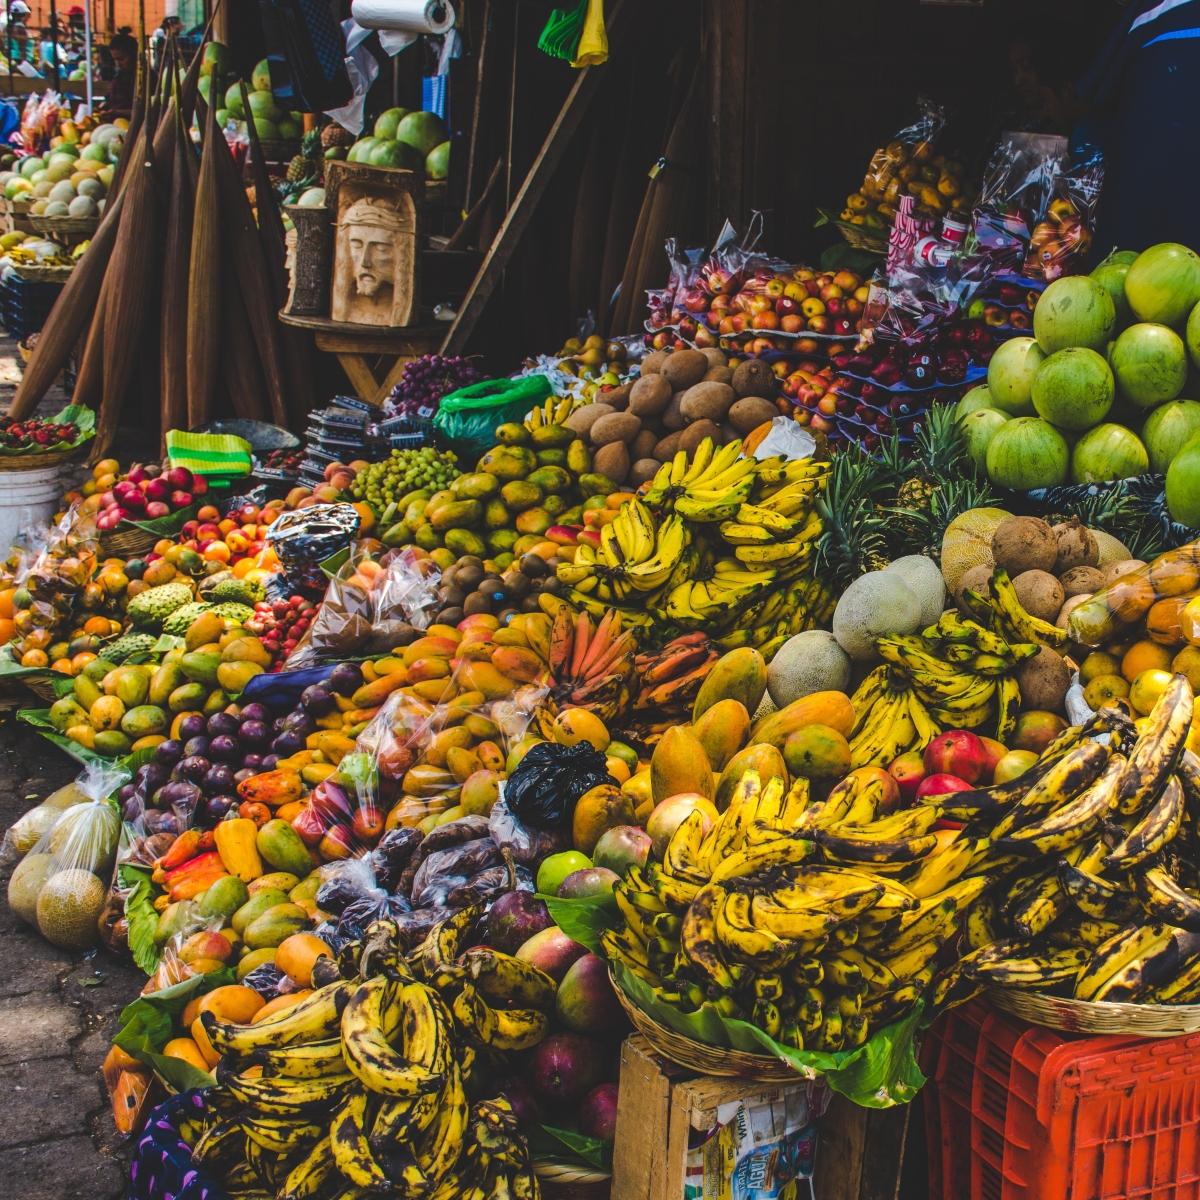 Você sabe qual é a origem geográfica do vegetal quecome?